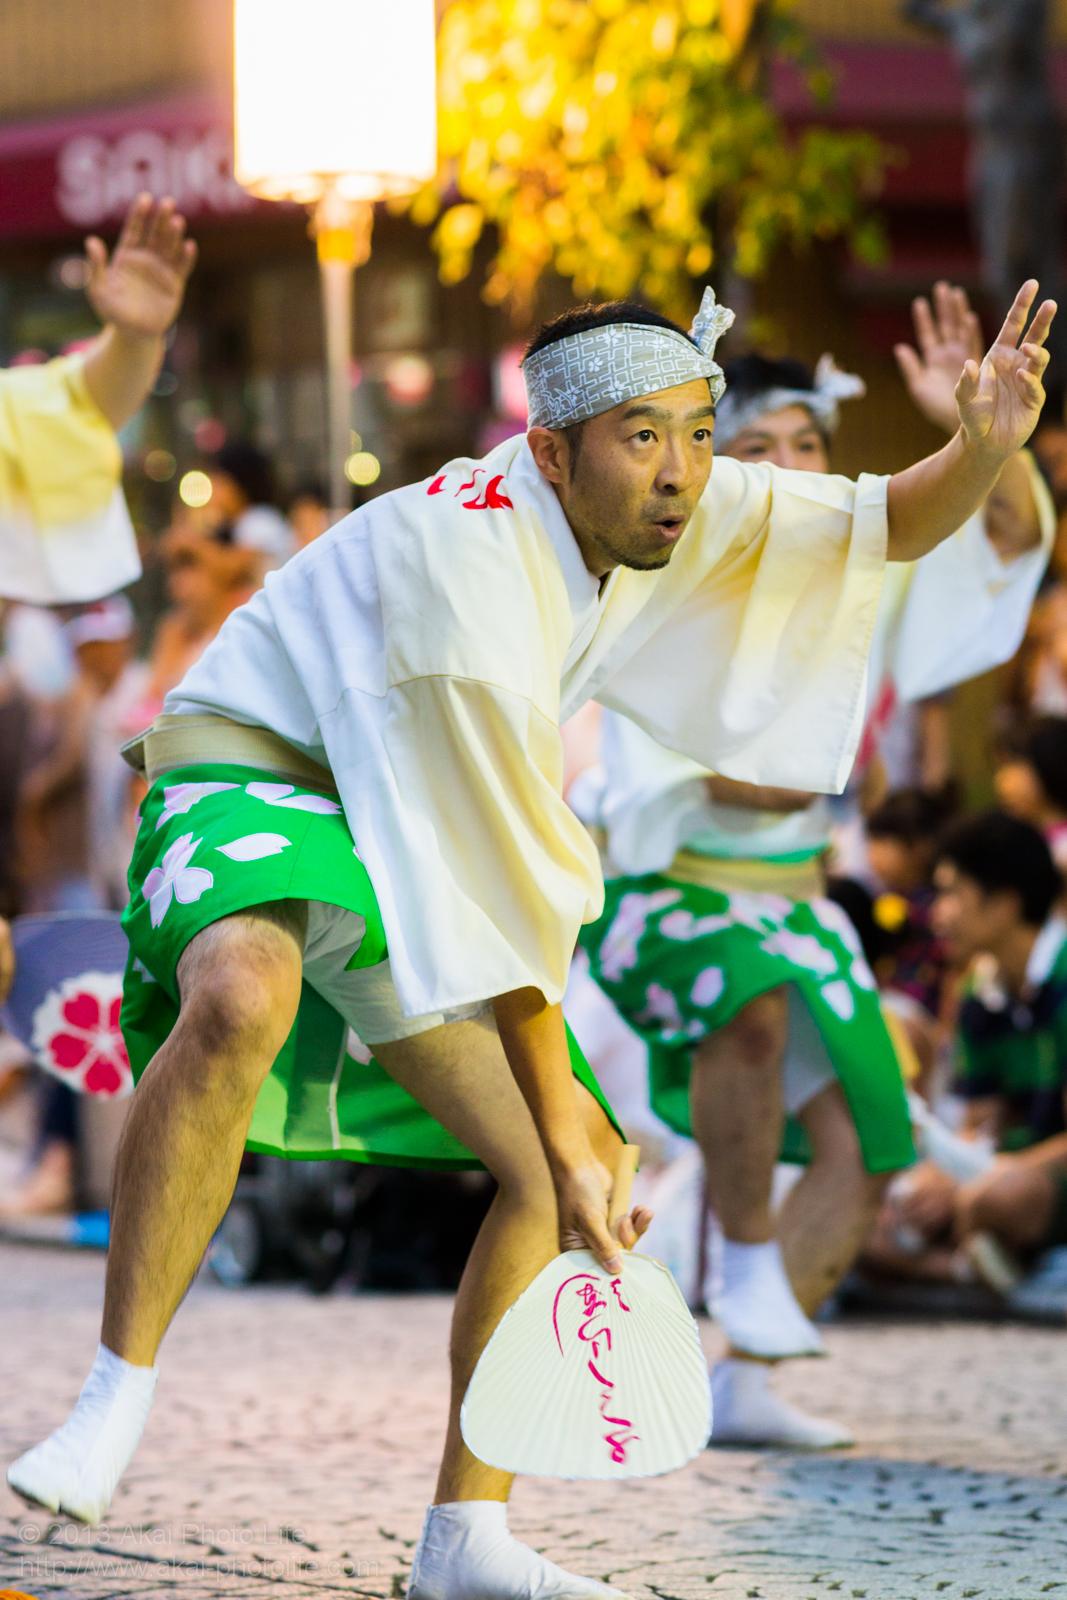 三鷹阿波踊り、小金井さくら連の男踊り